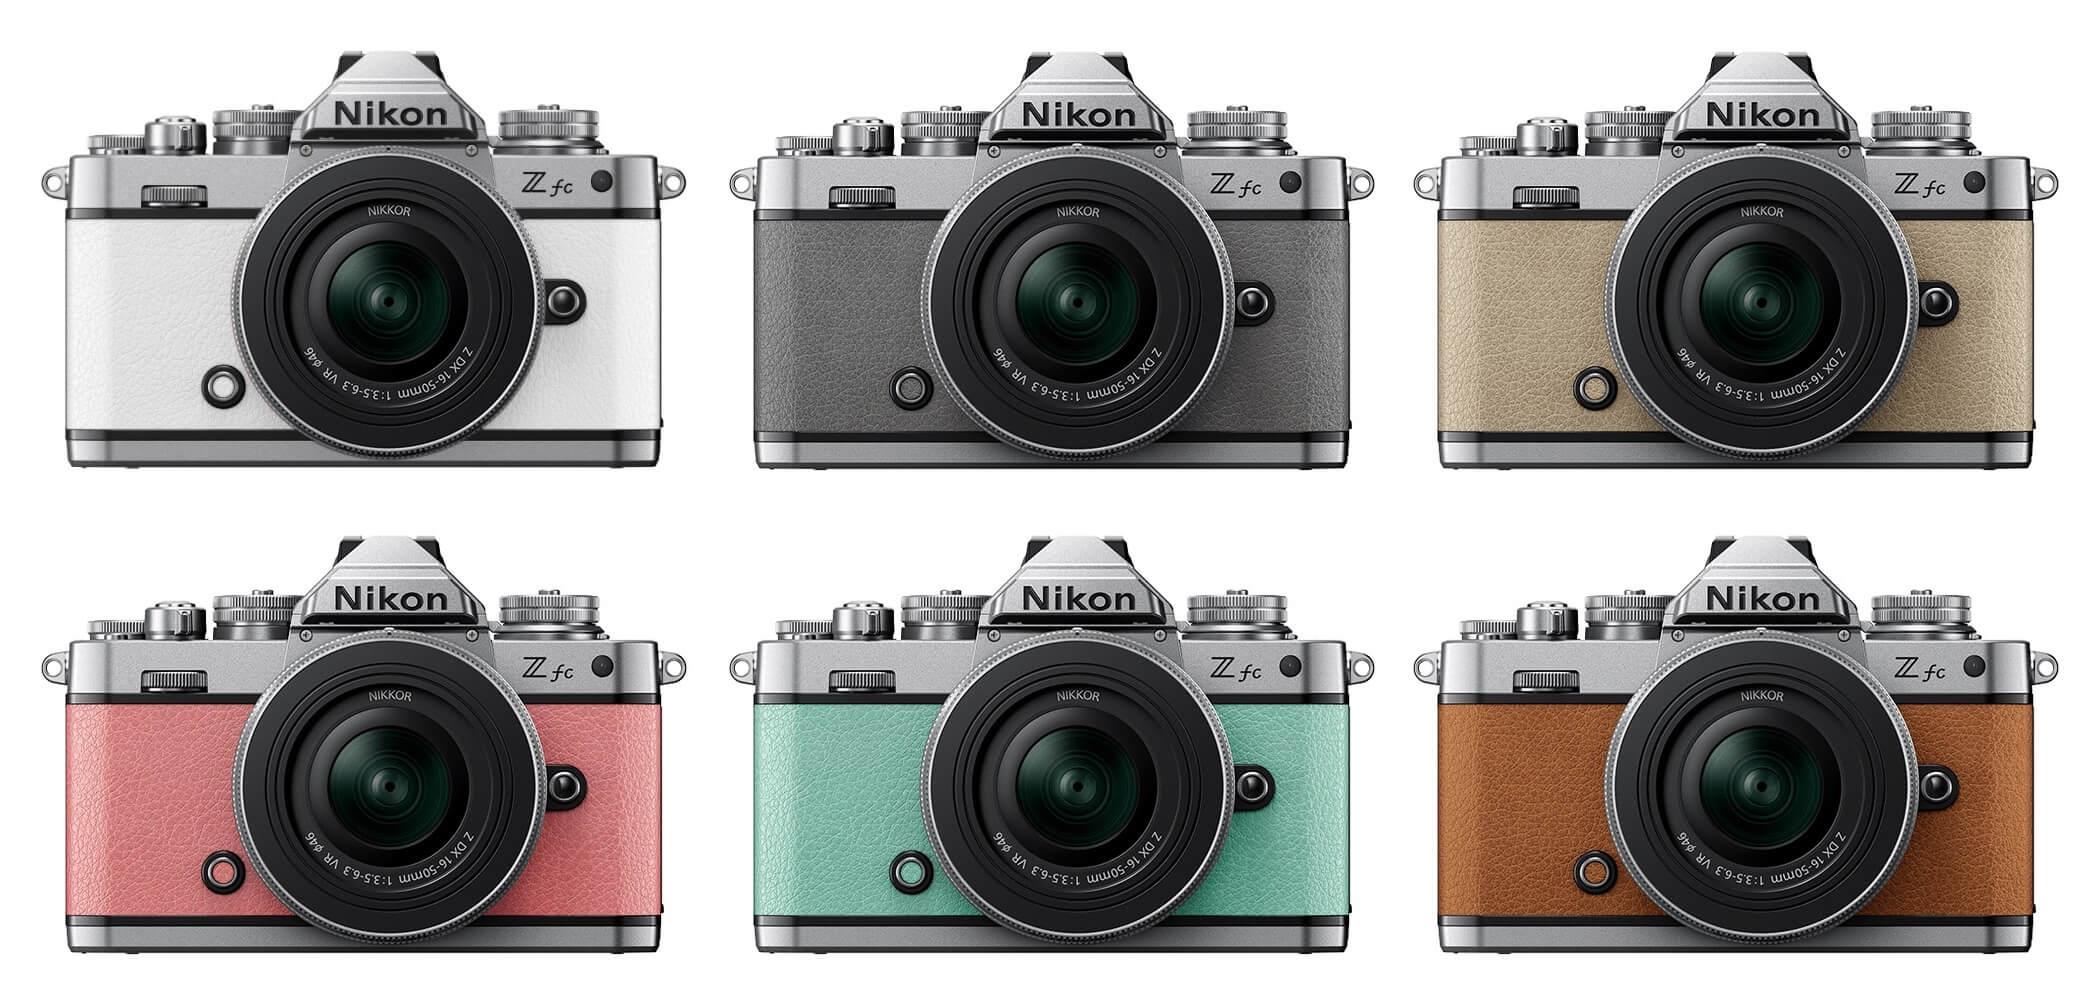 Kromě stávajícího černo-stříbrného designu si budete moci Nikon Z fc pořídit také v provedení bílá, přírodně šedá, pískově béžová, korálově růžová, mátově zelená nebo jantarově hnědá. Která barva se vám líbí nejvíce?